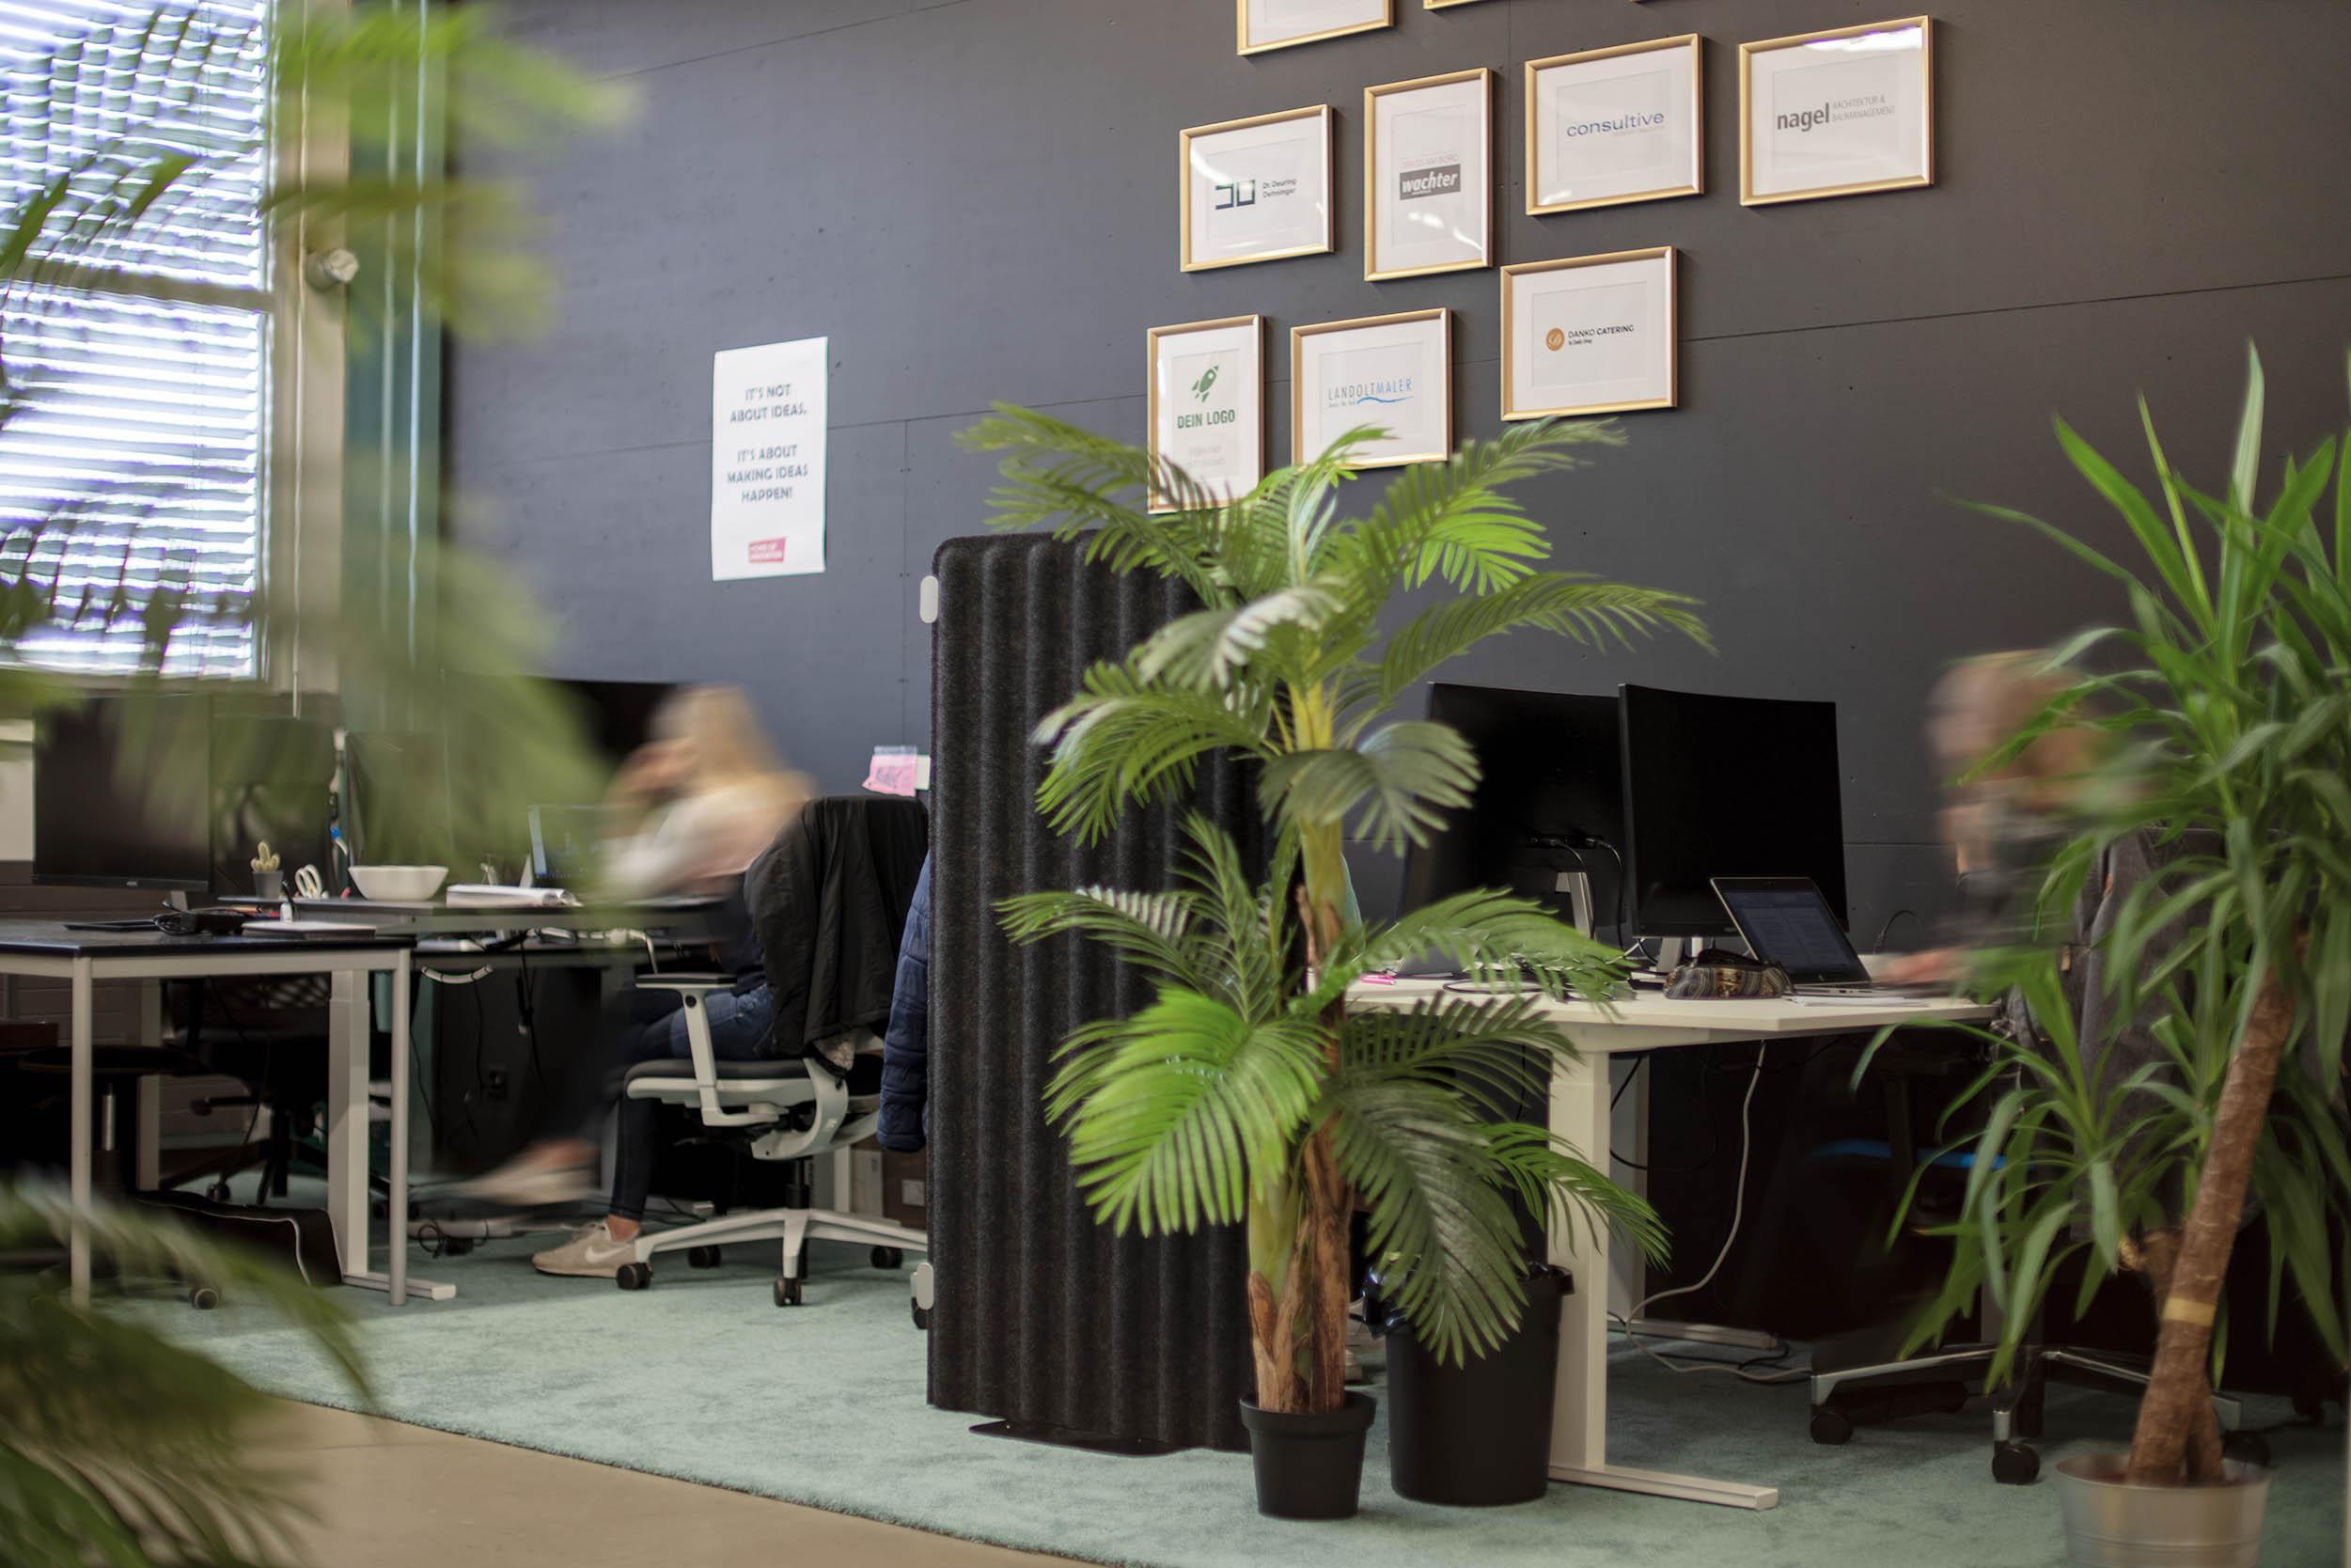 bürogemeinschaft zürich winterthur mieten arbeiten büro vermieten mieten startup entrepreneur club winti